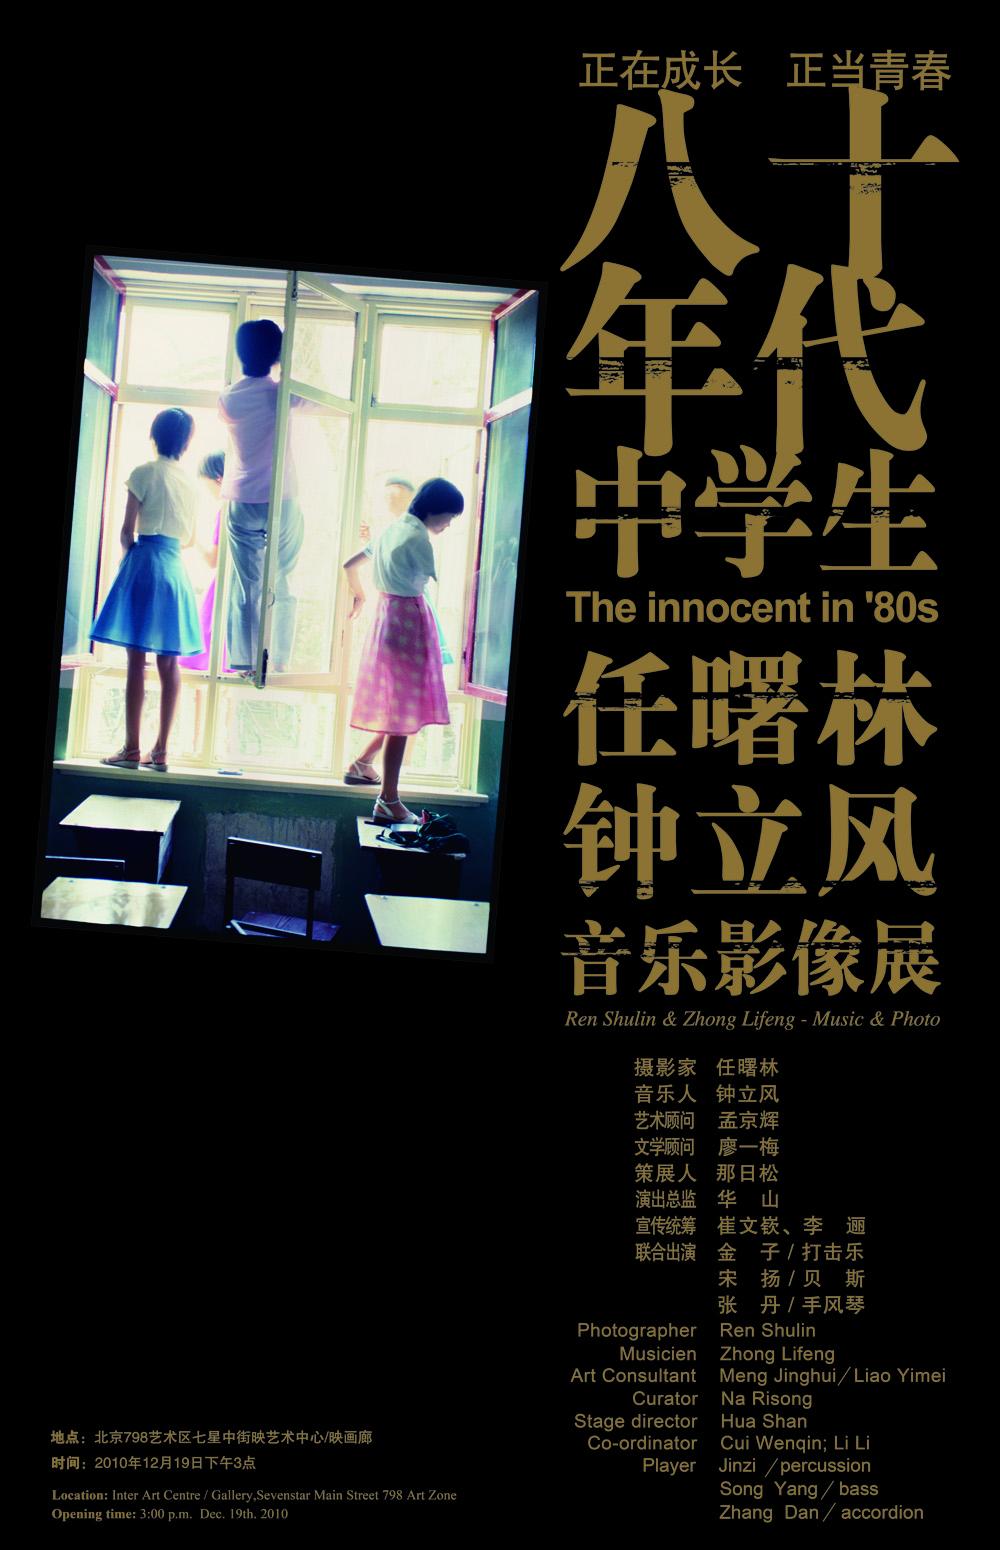 2010-12-任曙林-八十年代中学生幻灯会0.6X0.93米x.jpg